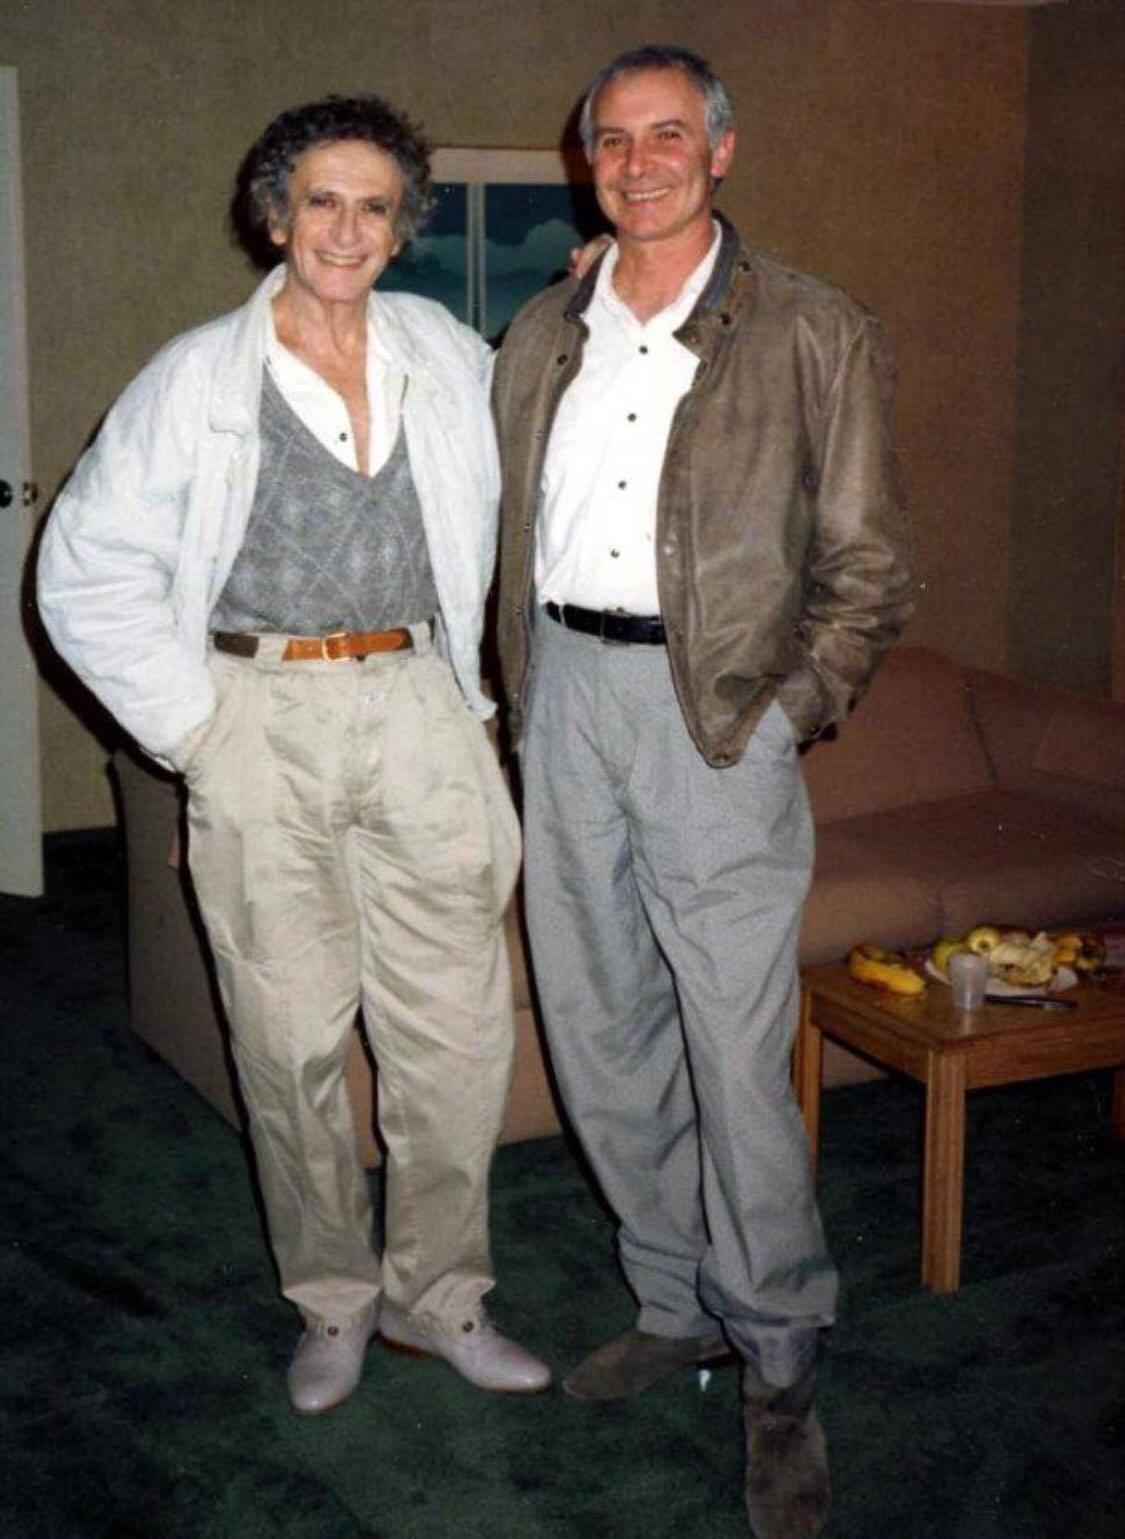 Марсель Марсо и Григорий Гуревич в Амхерсте, Массачусетс, США